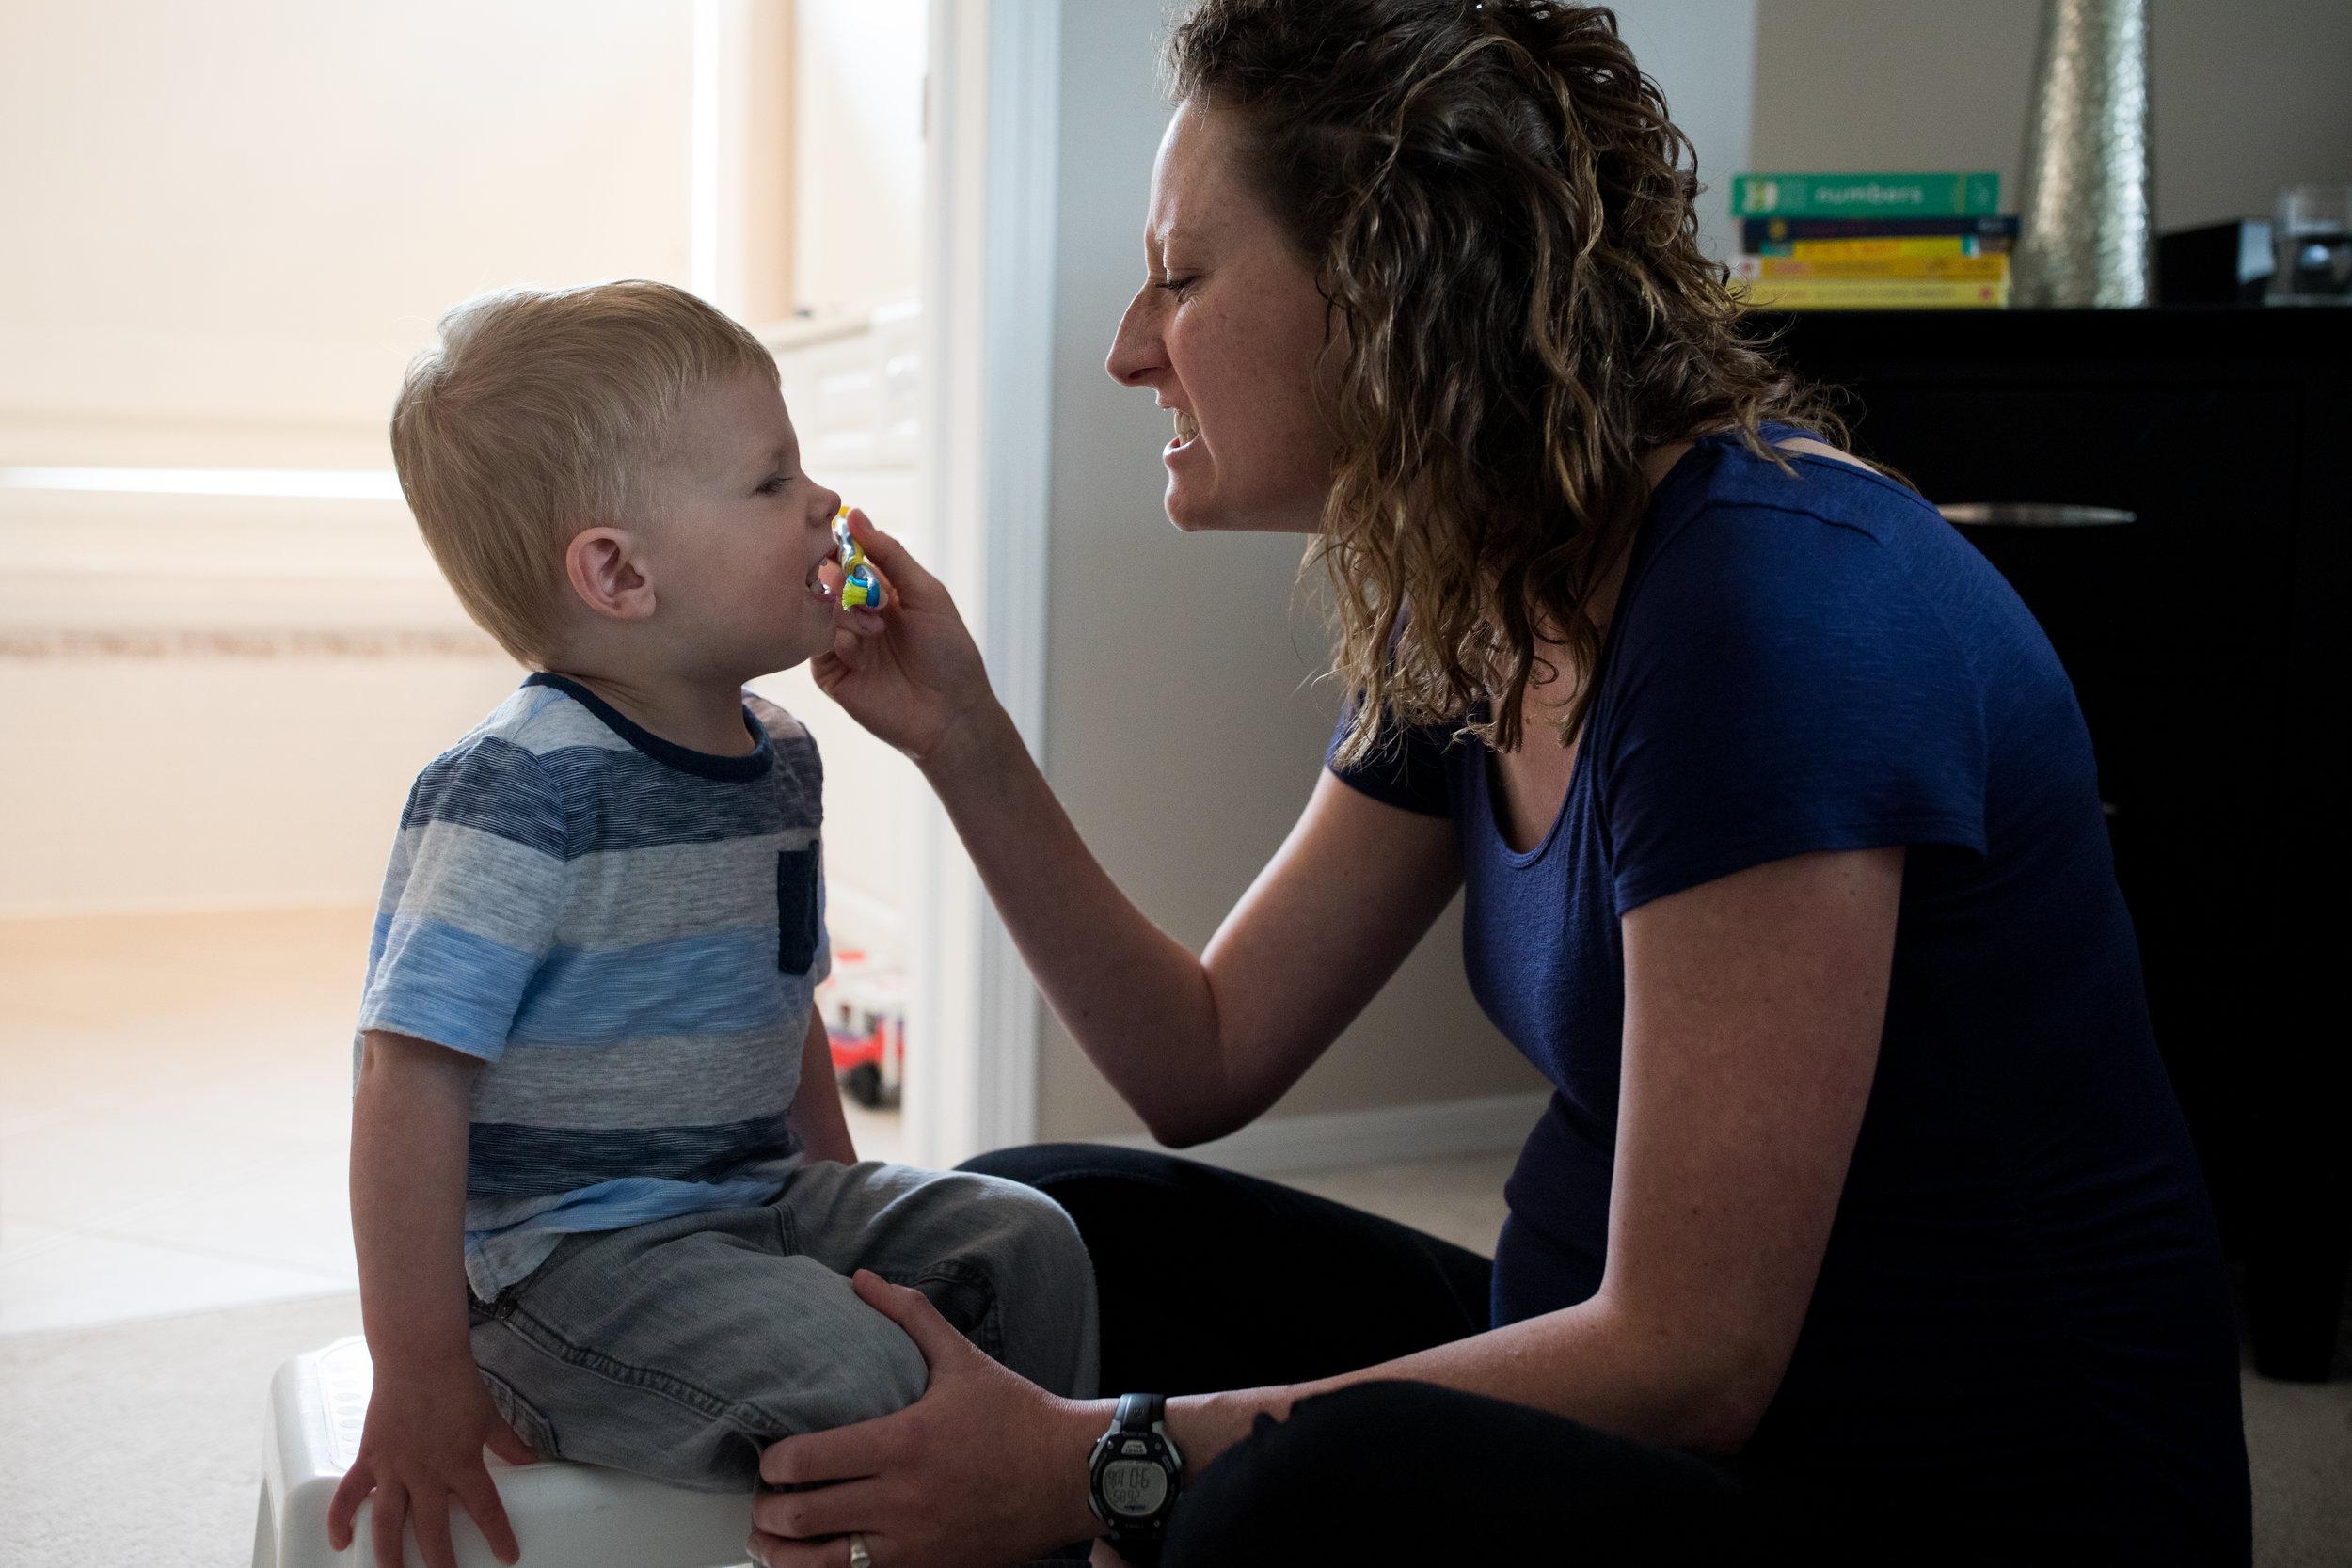 teeth brushing toddler photo